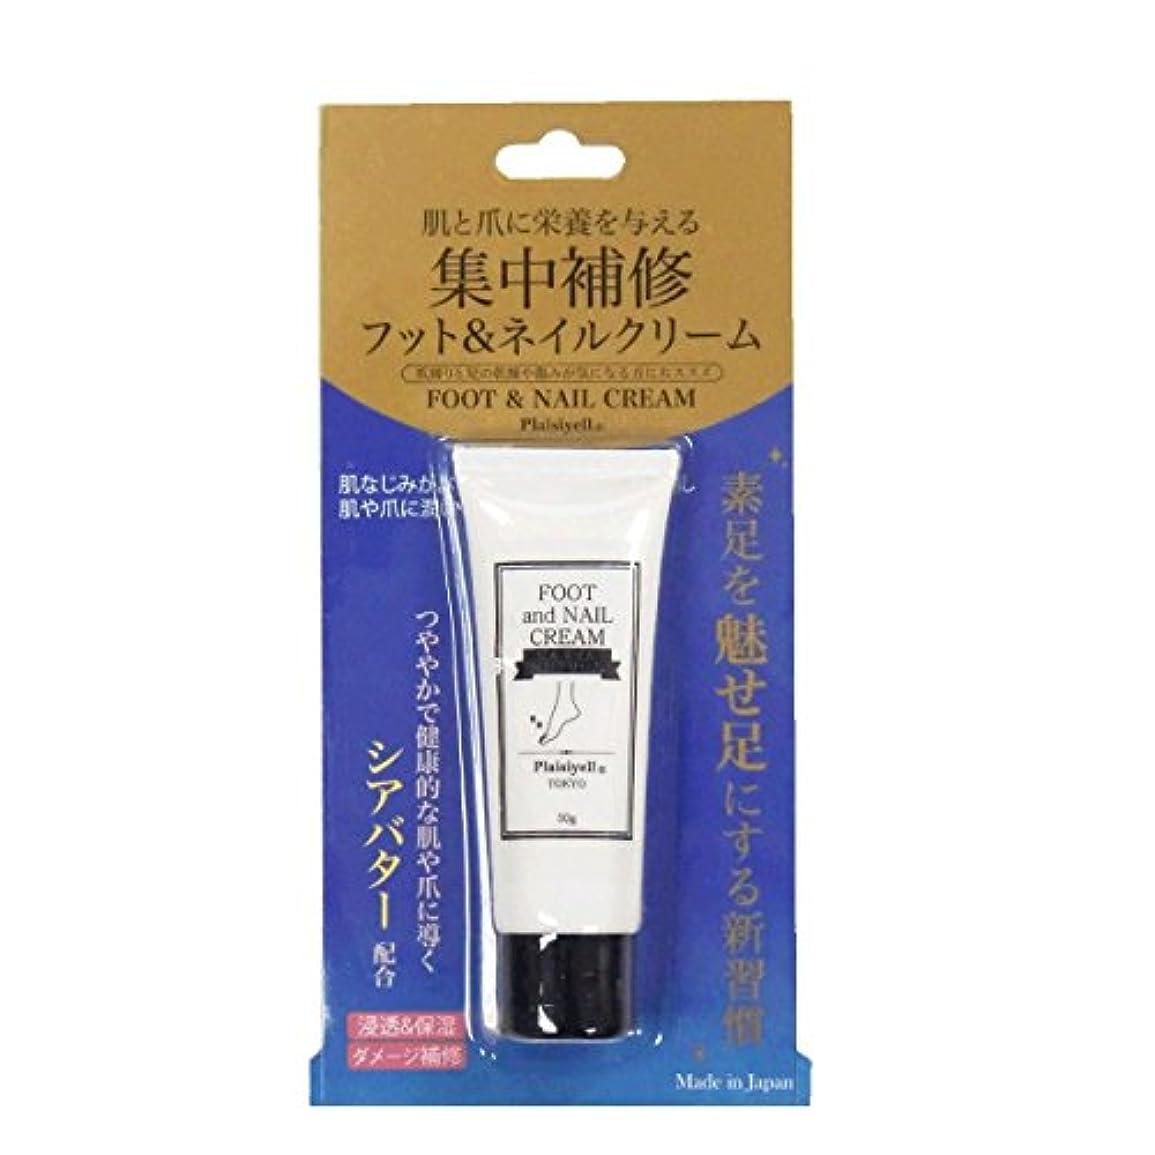 ヘルシー防腐剤仮説プレジエール【フットコスメ】フット&ネイルクリーム